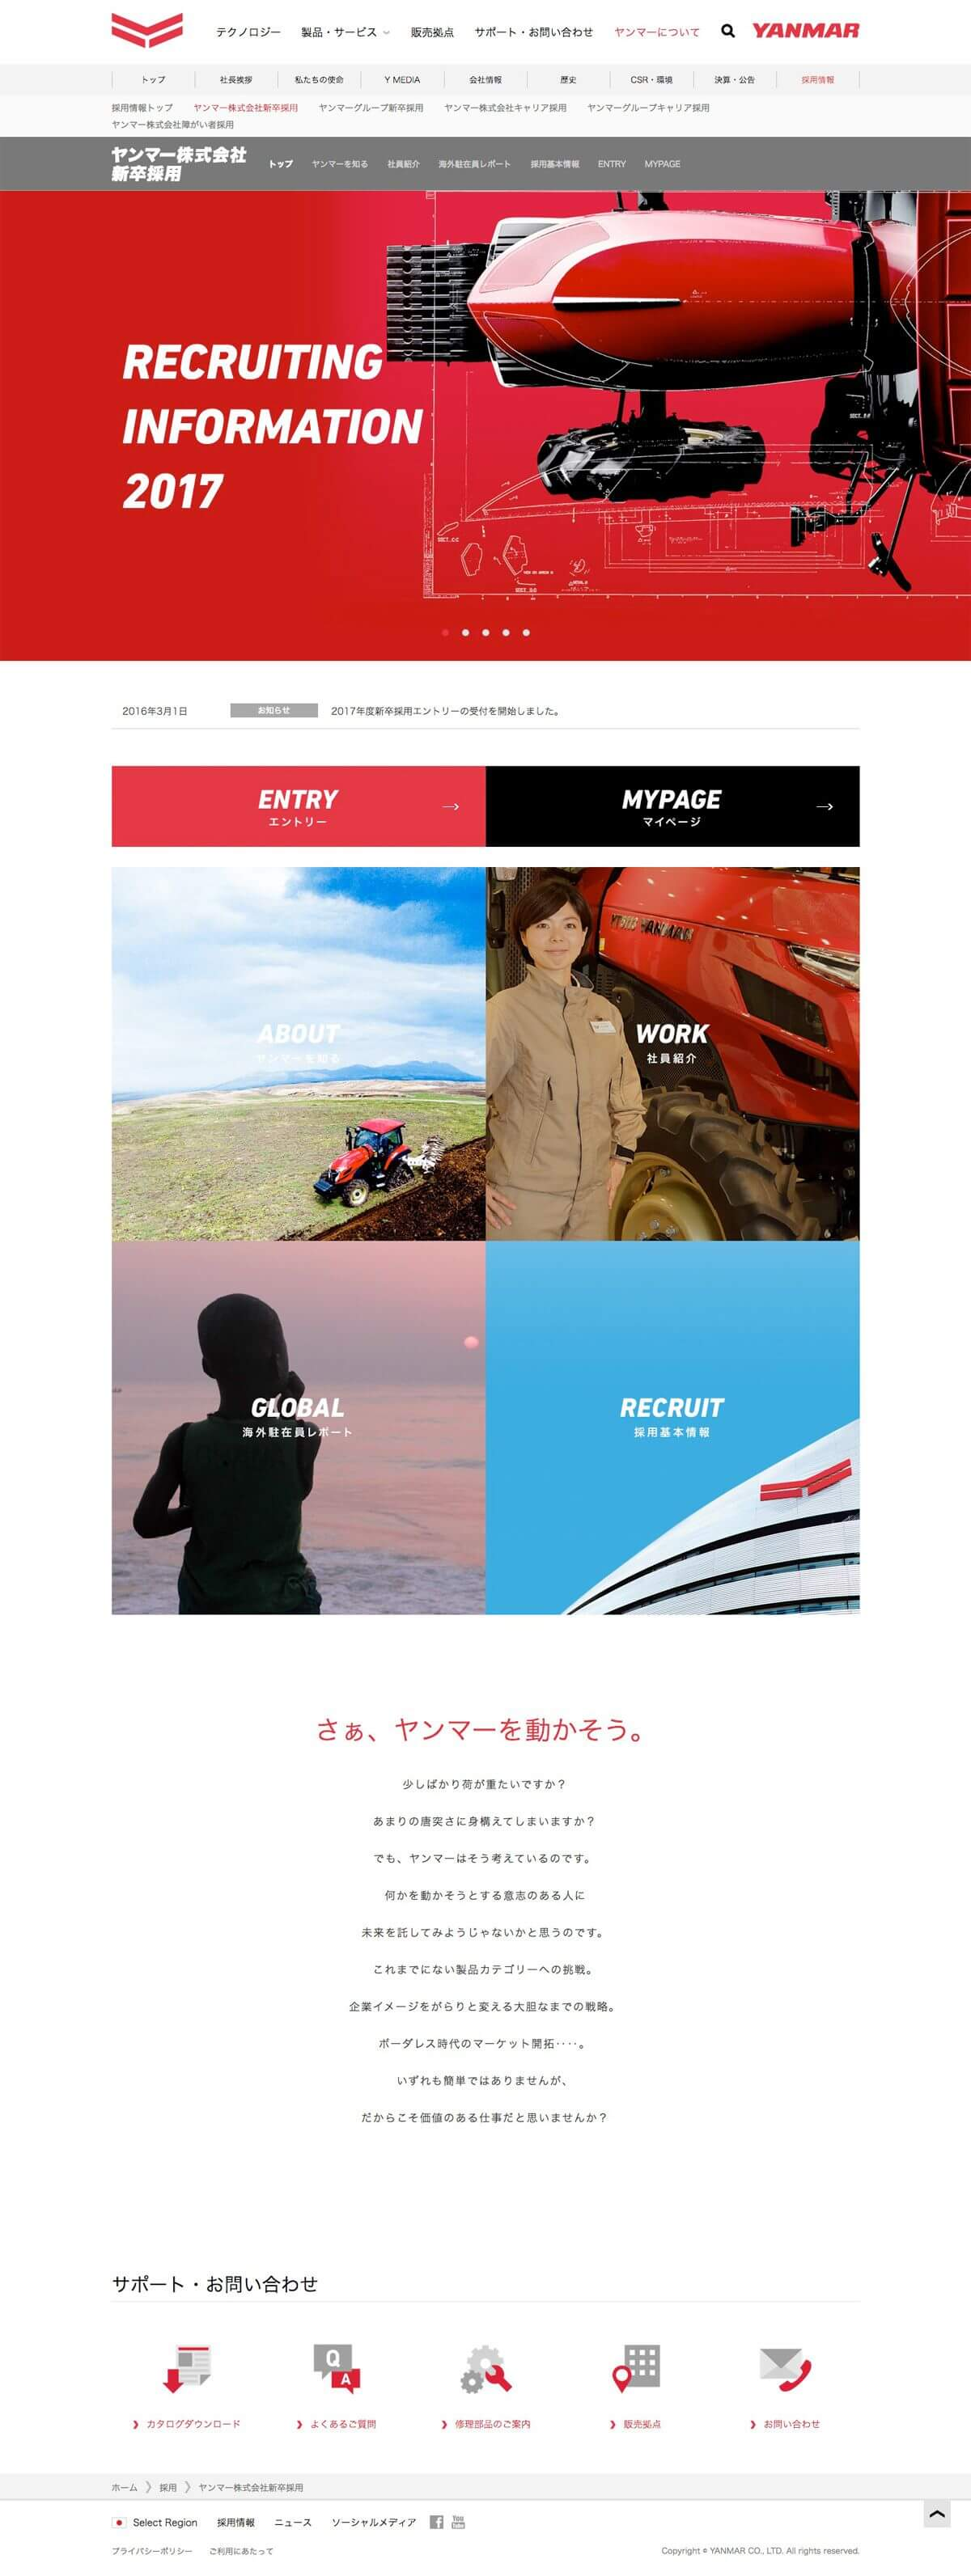 ヤンマー株式会社 新卒採用サイト